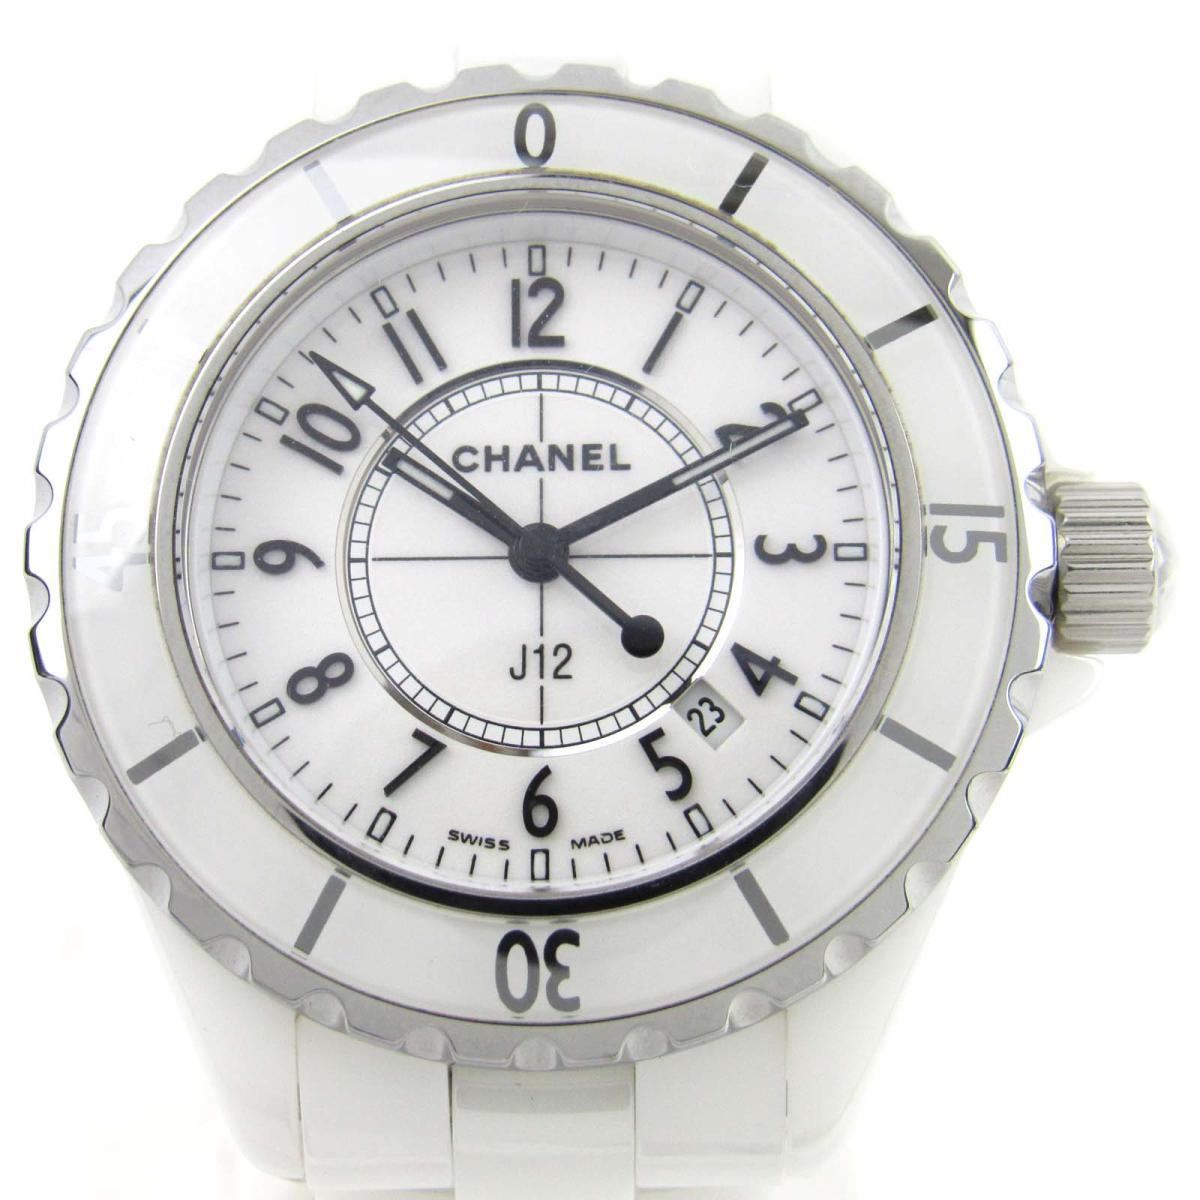 J12 ウォッチ 腕時計/お洒落/人気/おすすめ/SALE